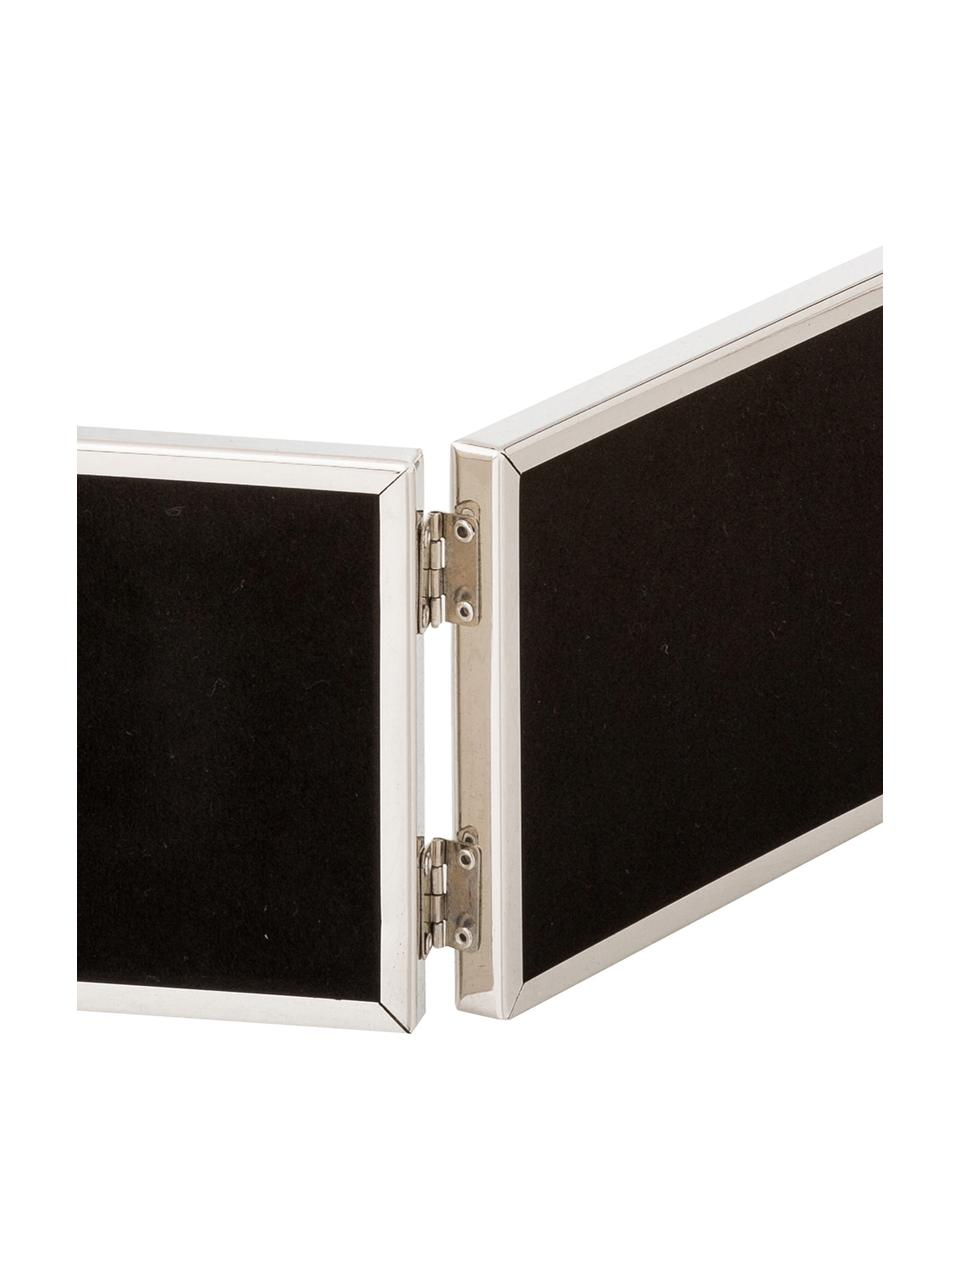 Ramka na zdjęcia Carla, Rama: srebrny Front: transparentny, S 15 x W 10 cm